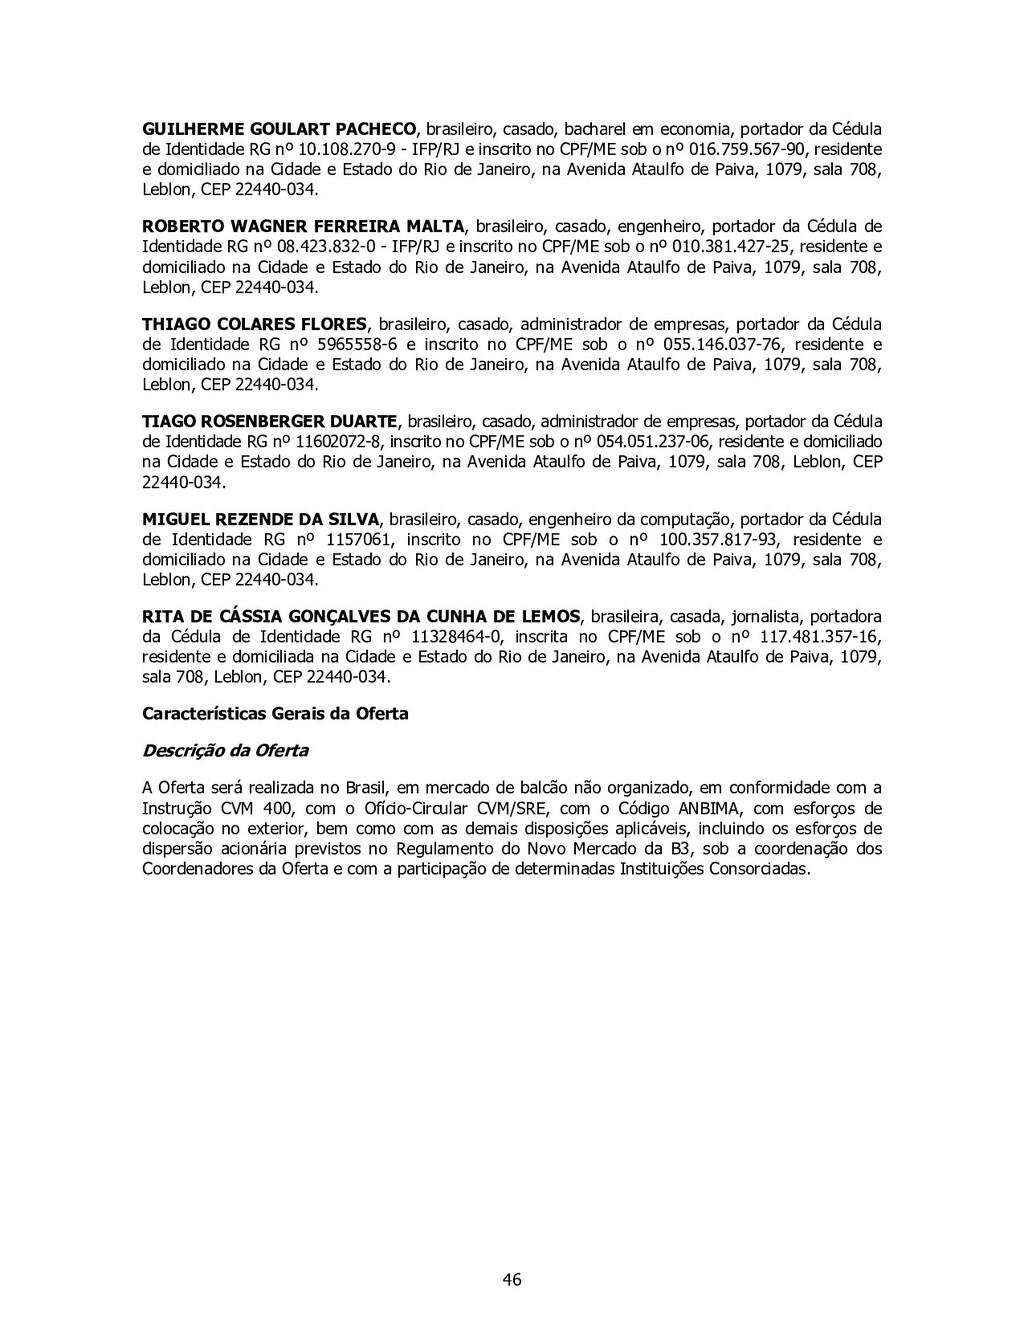 46 GUILHERME GOULART PACHECO, brasileiro, casad...